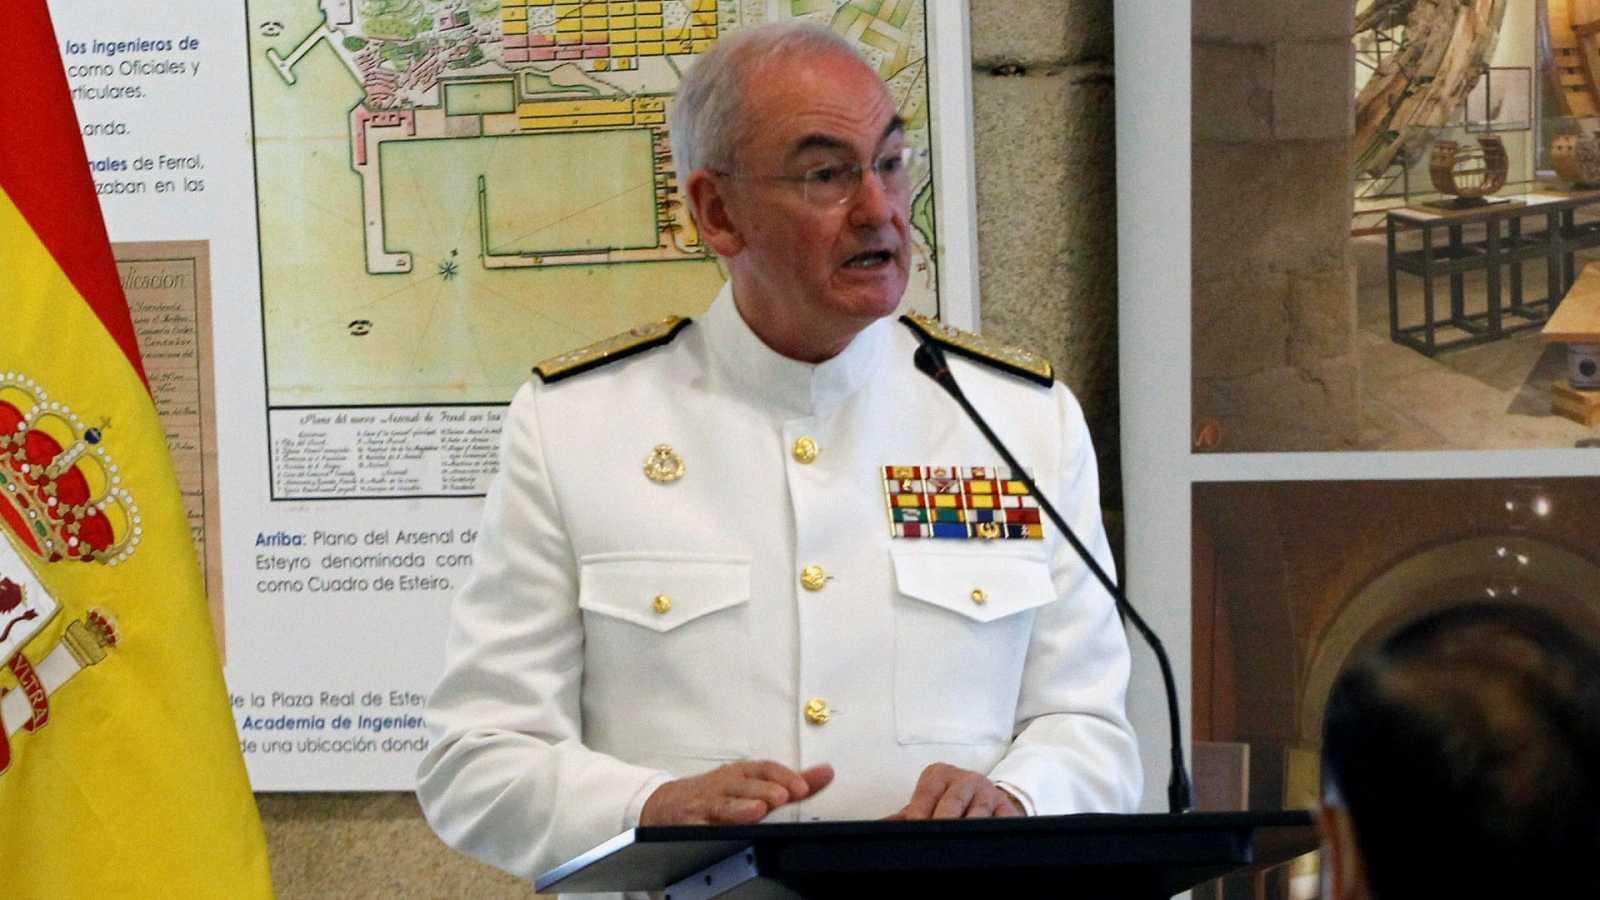 El Gobierno nombra nuevo JEMAD al jefe de la Armada, el almirante Teodoro López Calderón